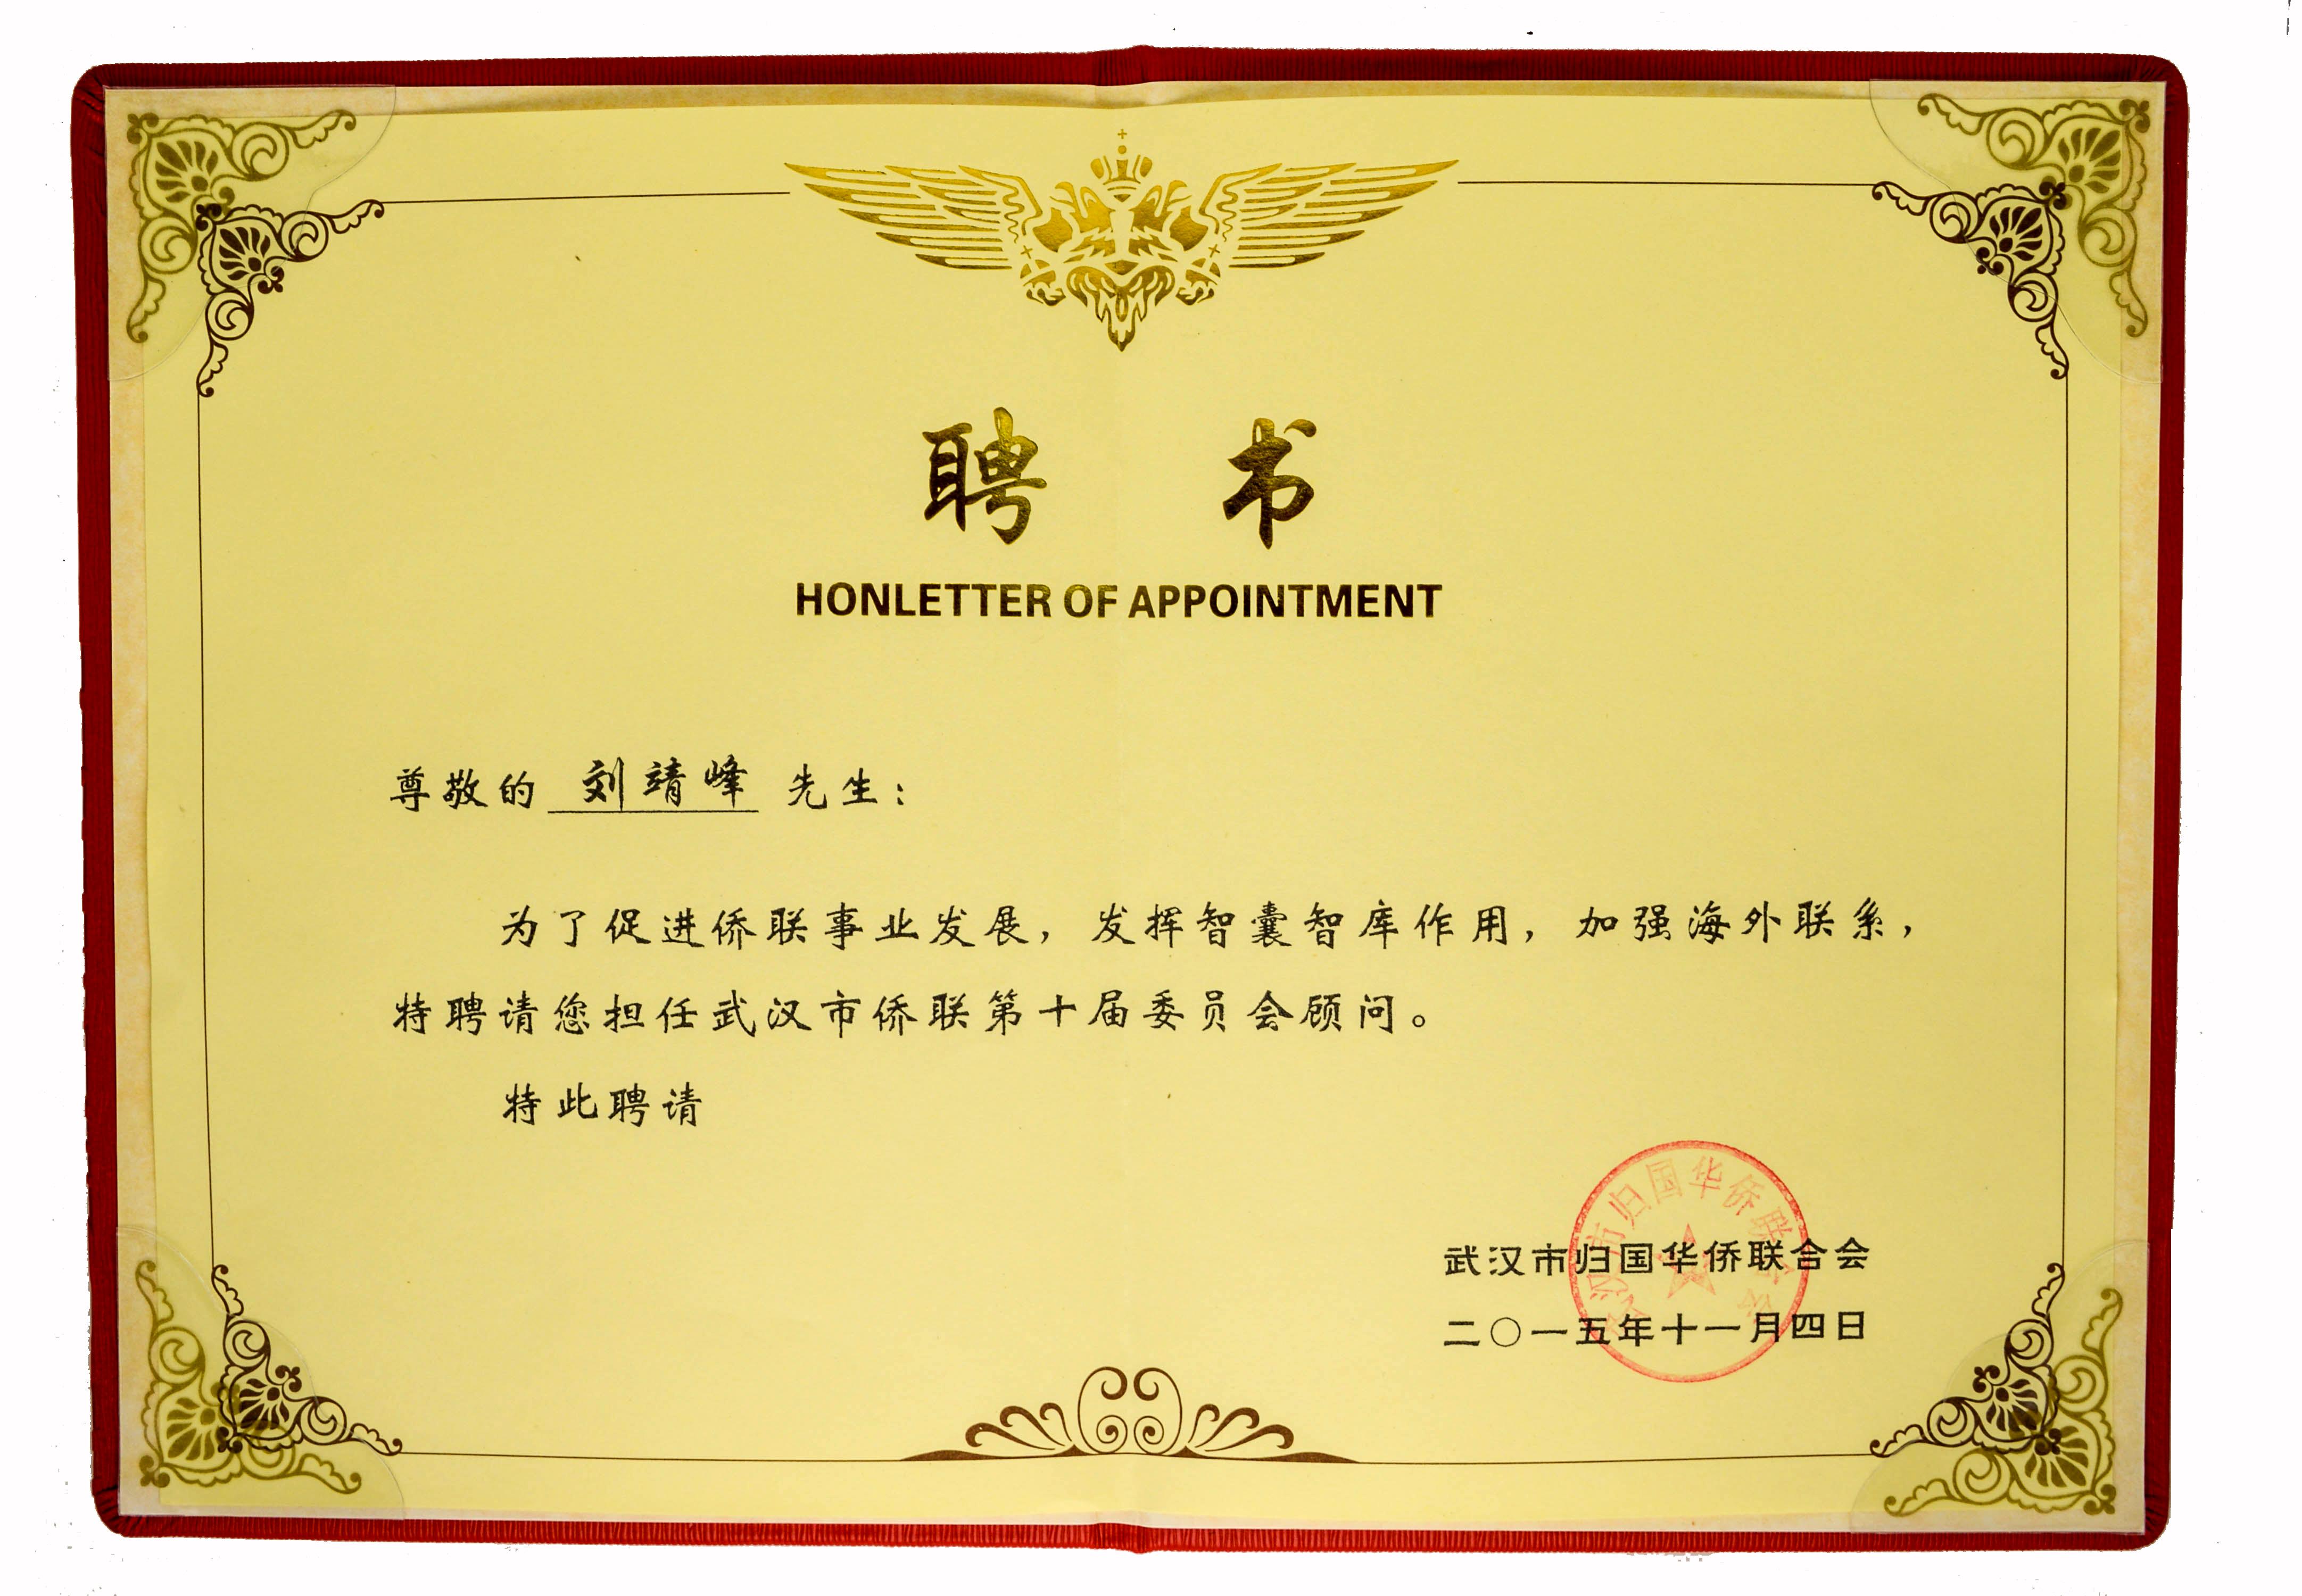 武汉市侨联第十届委员会顾问